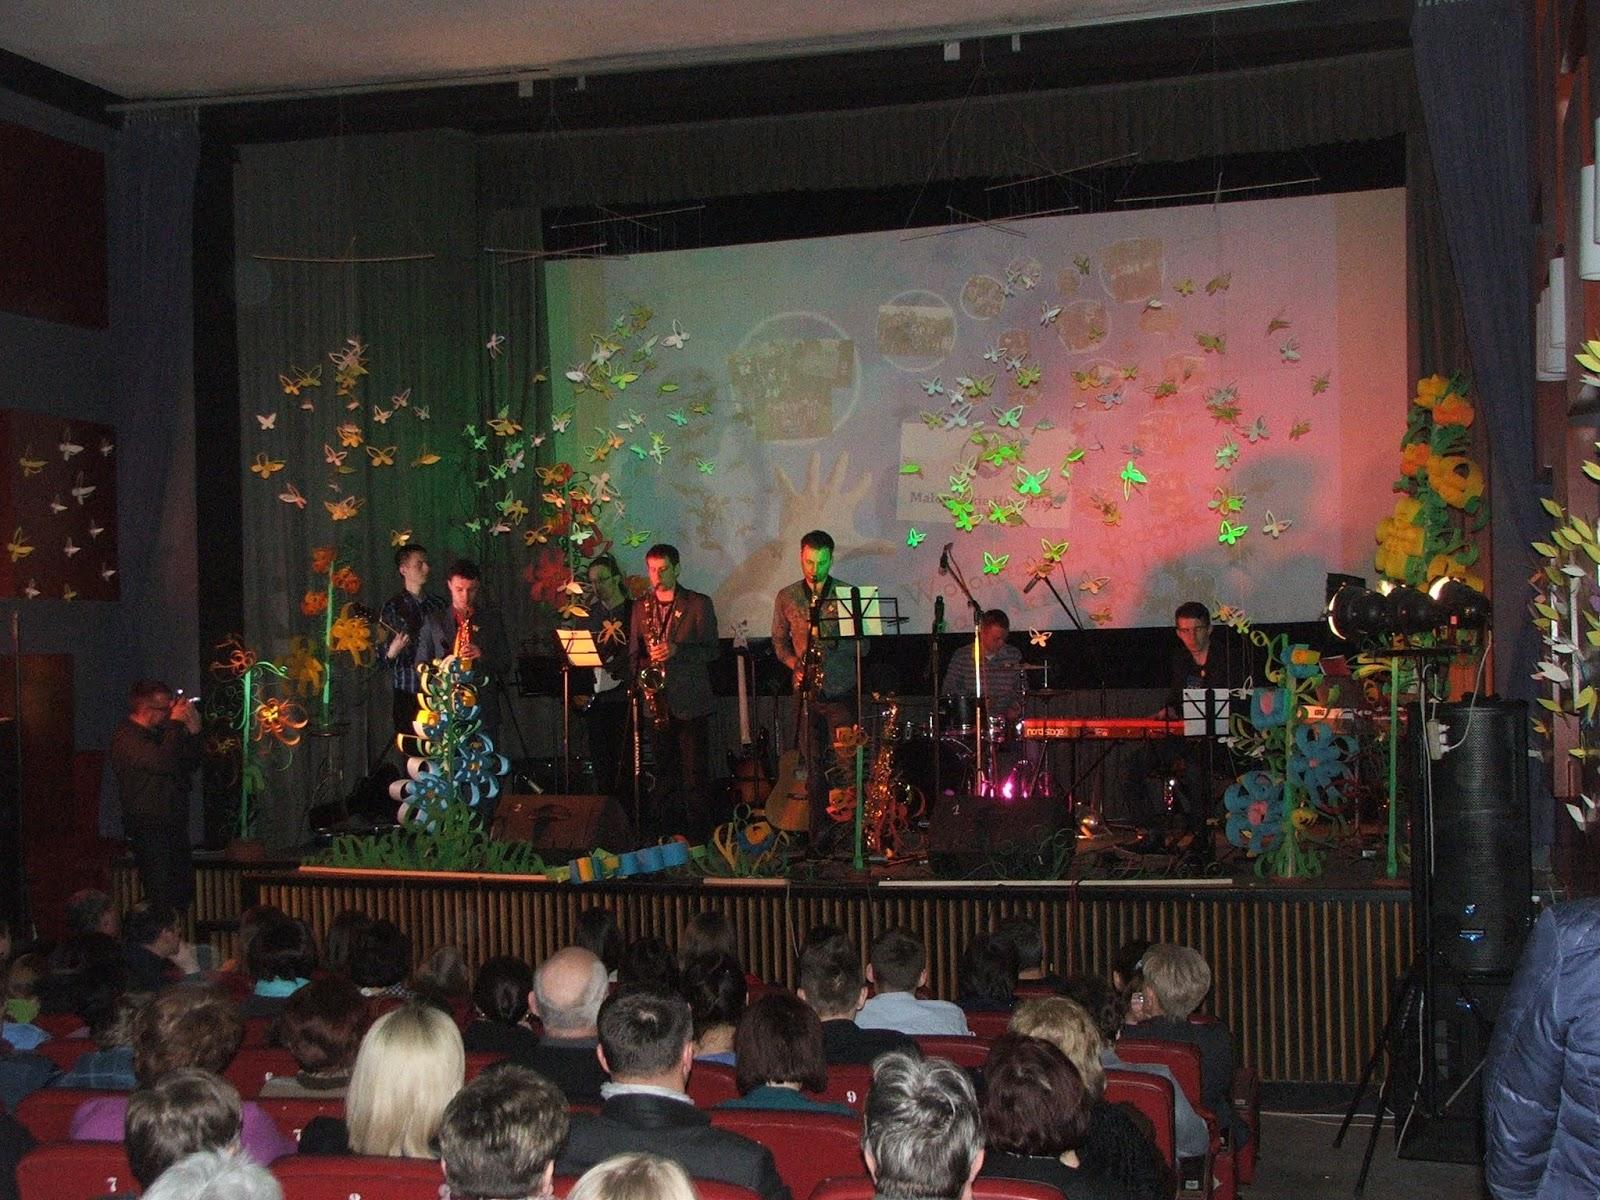 Koncert charytatywny organizowany przez Gimnazjum im. Św. Kingi w Wojniczu, GOK, Stowarzyszenie Aktywnych Kobiet, i innych naszych Przyjaciół z tej pięknej miejscowości.   Koncert odbył się w kinie Wawel. Grali: Pod Gruszą, JazzDa Band, uczniowie Gimnazjum w Wojniczu i in.   Dochód przeznaczony został oczywiście na rzecz MHD